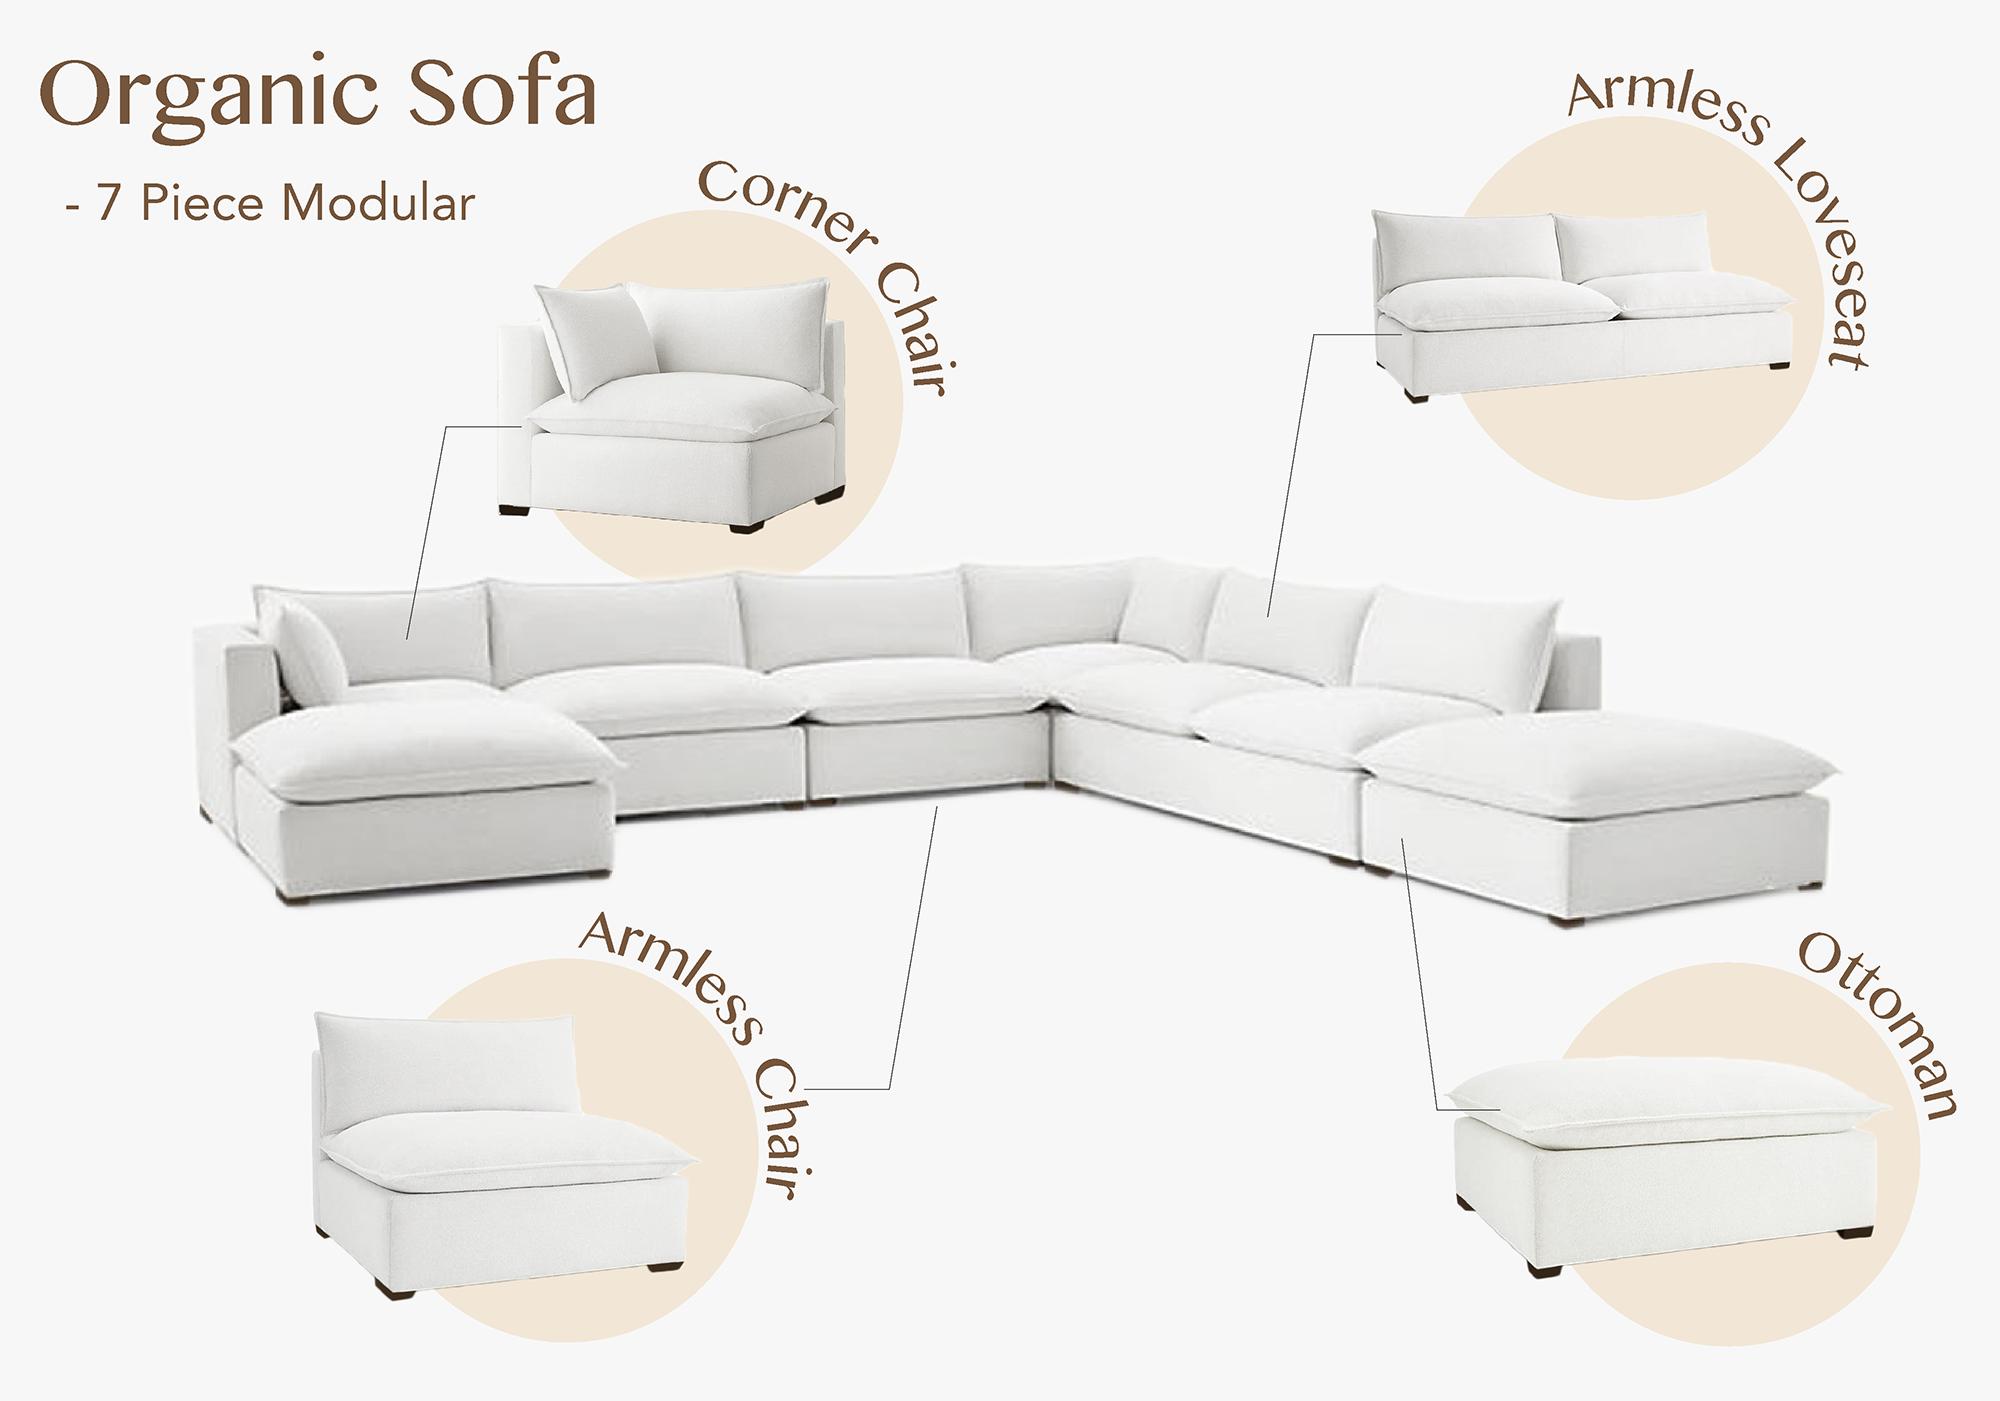 Organic 7 Piece Sofa Modular Sectional 7 Piece Modular Sectional Sofa Modular Sectional Sofa Furniture The Futon Shop In 2020 Modular Sectional Sofa Modular Sofa Love Seat